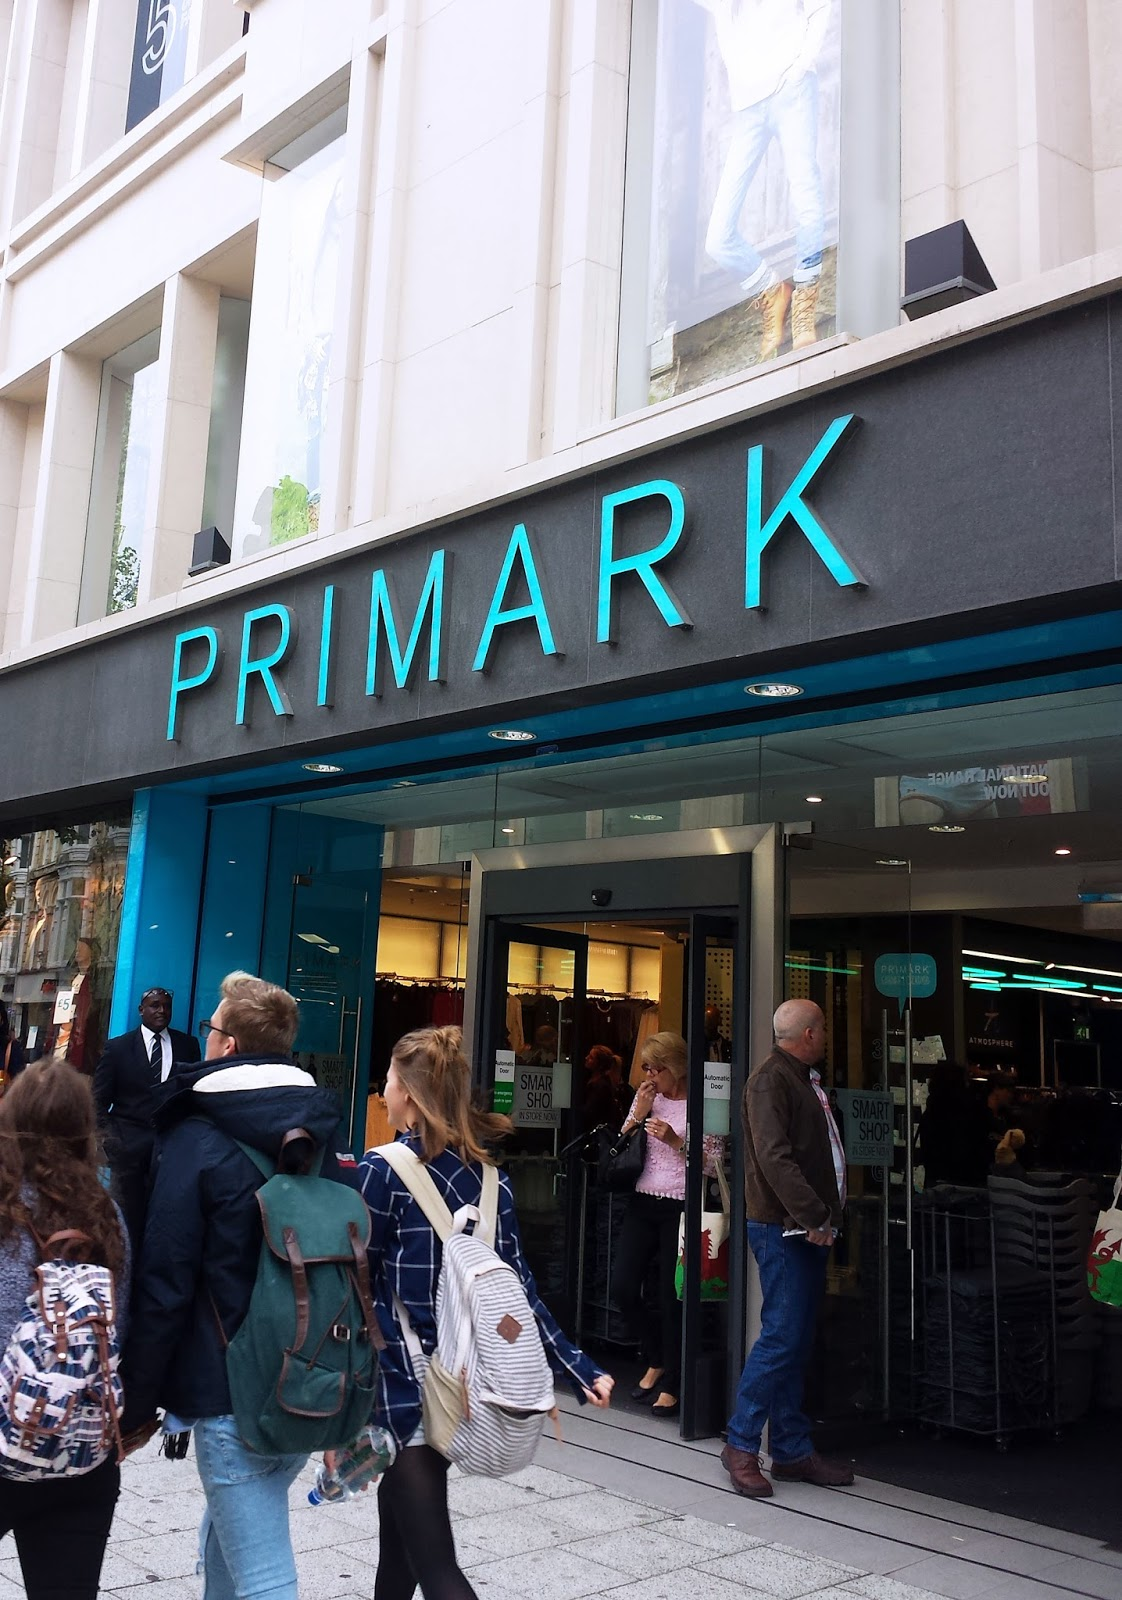 Cardiff Primark Store